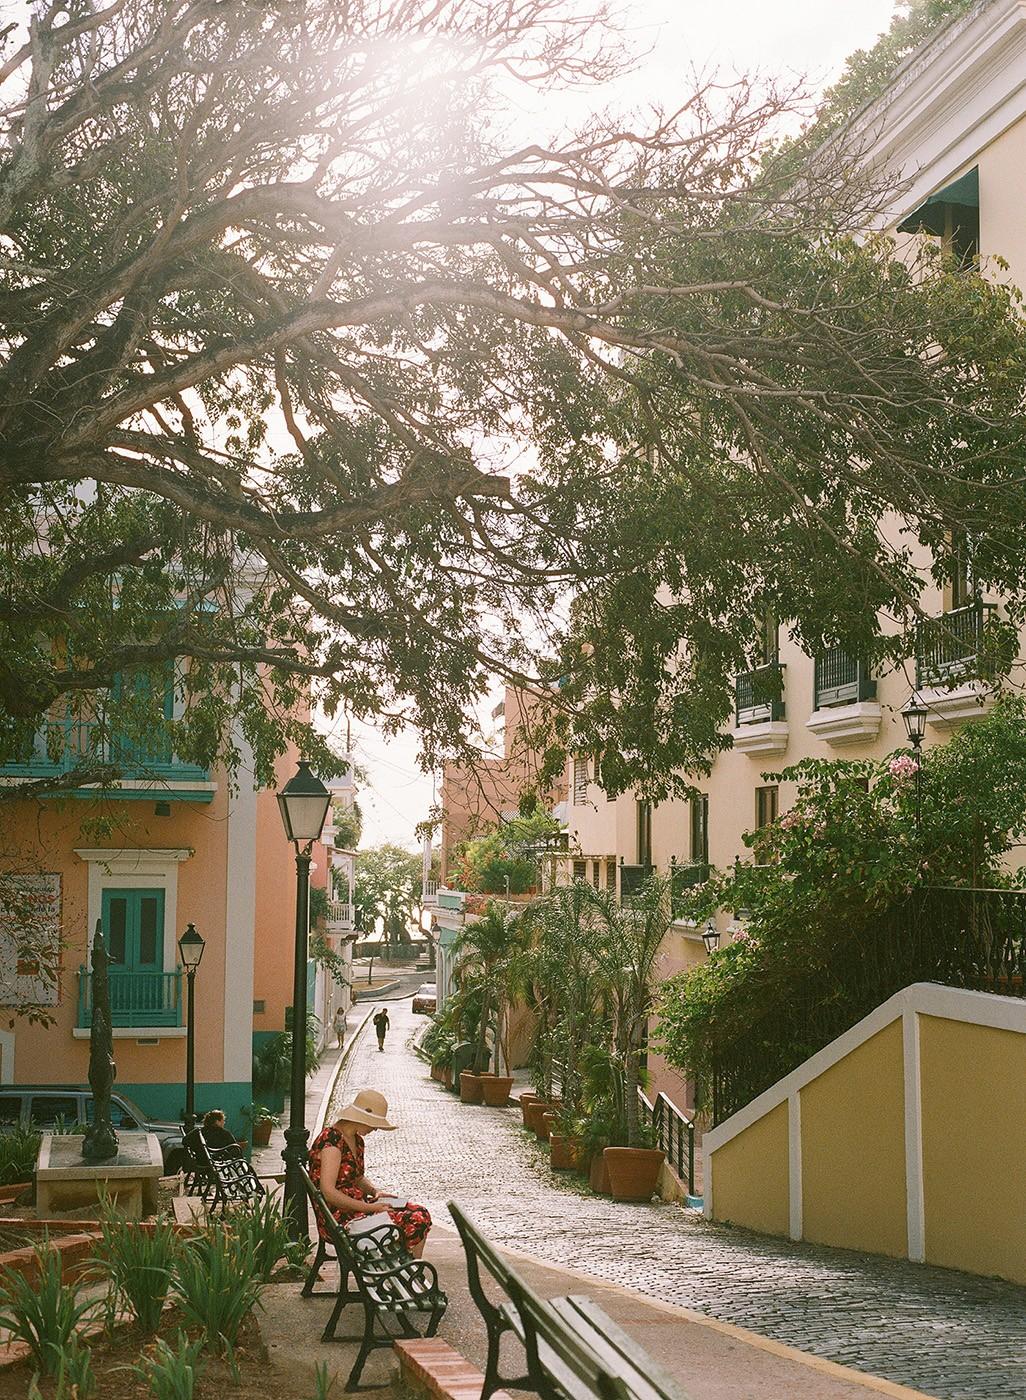 Solitude in San Juan by Kim Hildebrand